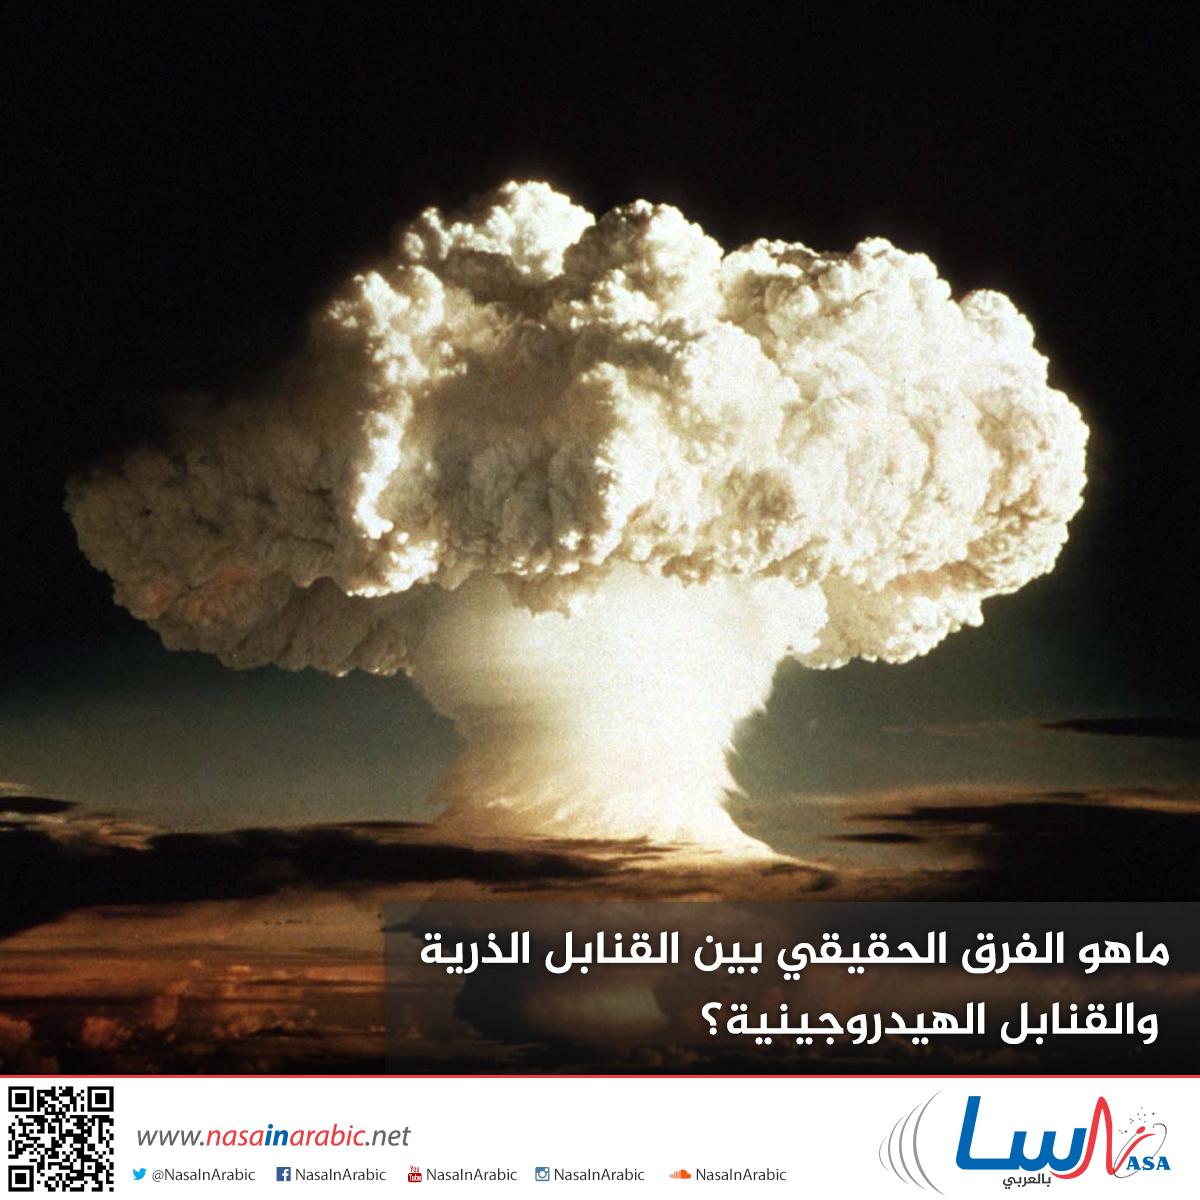 ماهو الفرق الحقيقي بين القنابل الذرية والقنابل الهيدروجينية؟